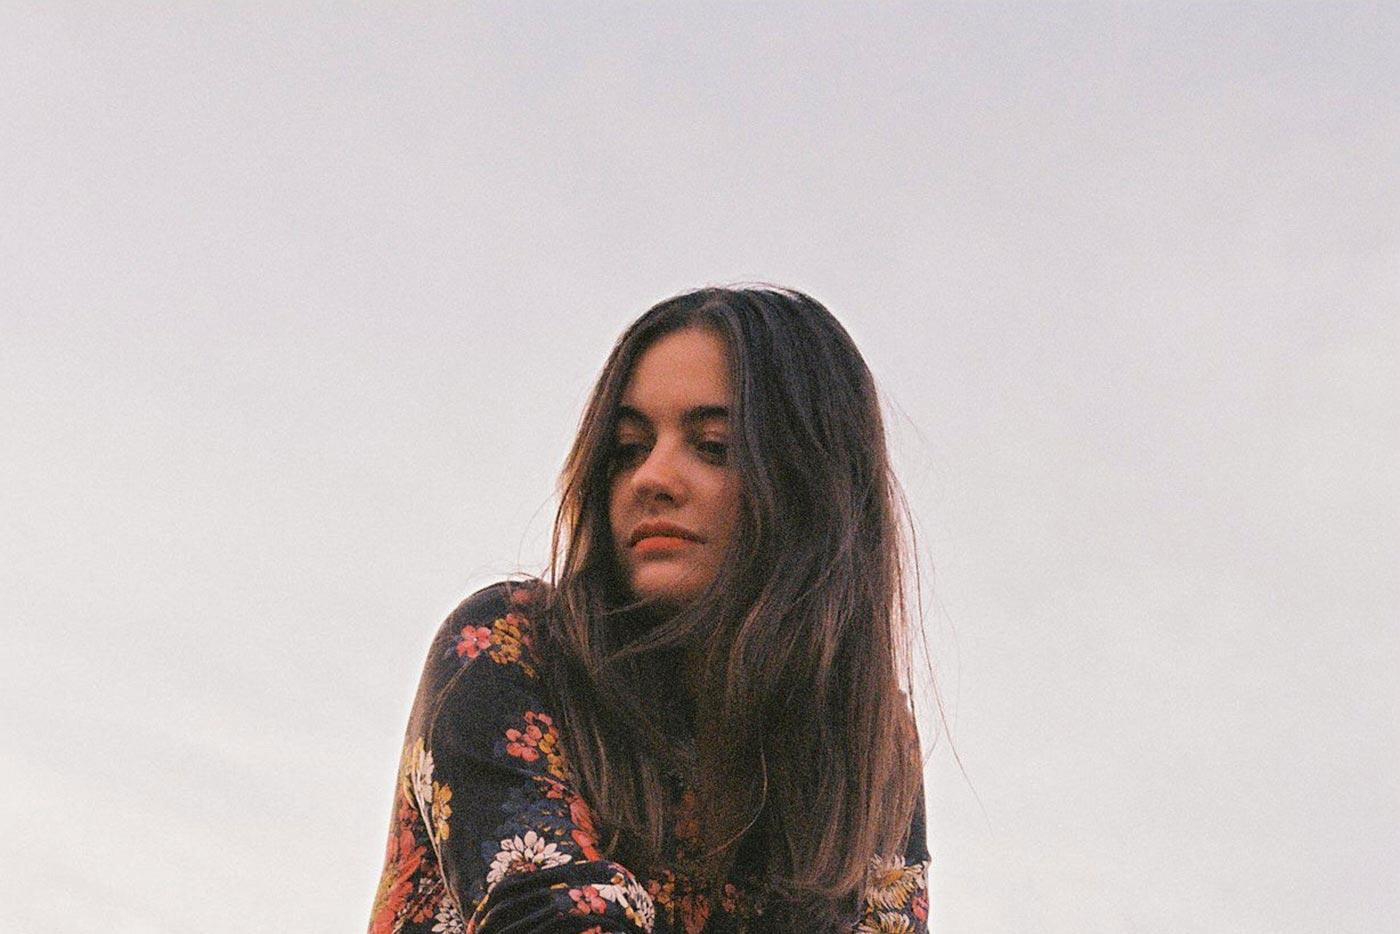 Estrenamos en exclusiva el nuevo single de Marta Andrés